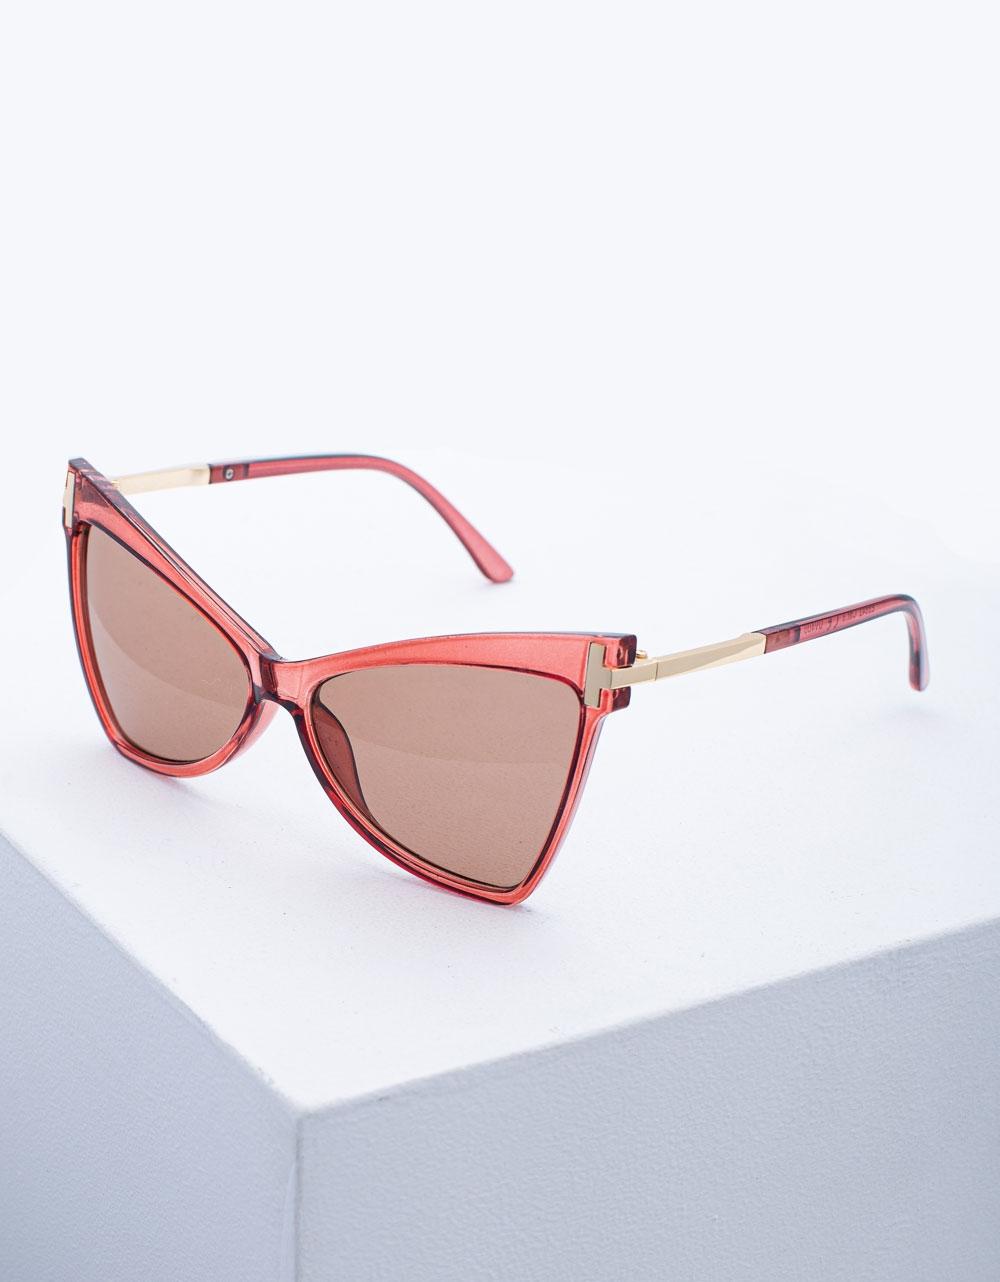 Εικόνα από Γυναικεία γυαλιά ηλίου σε σχήμα πεταλούδας oversized Ροζ